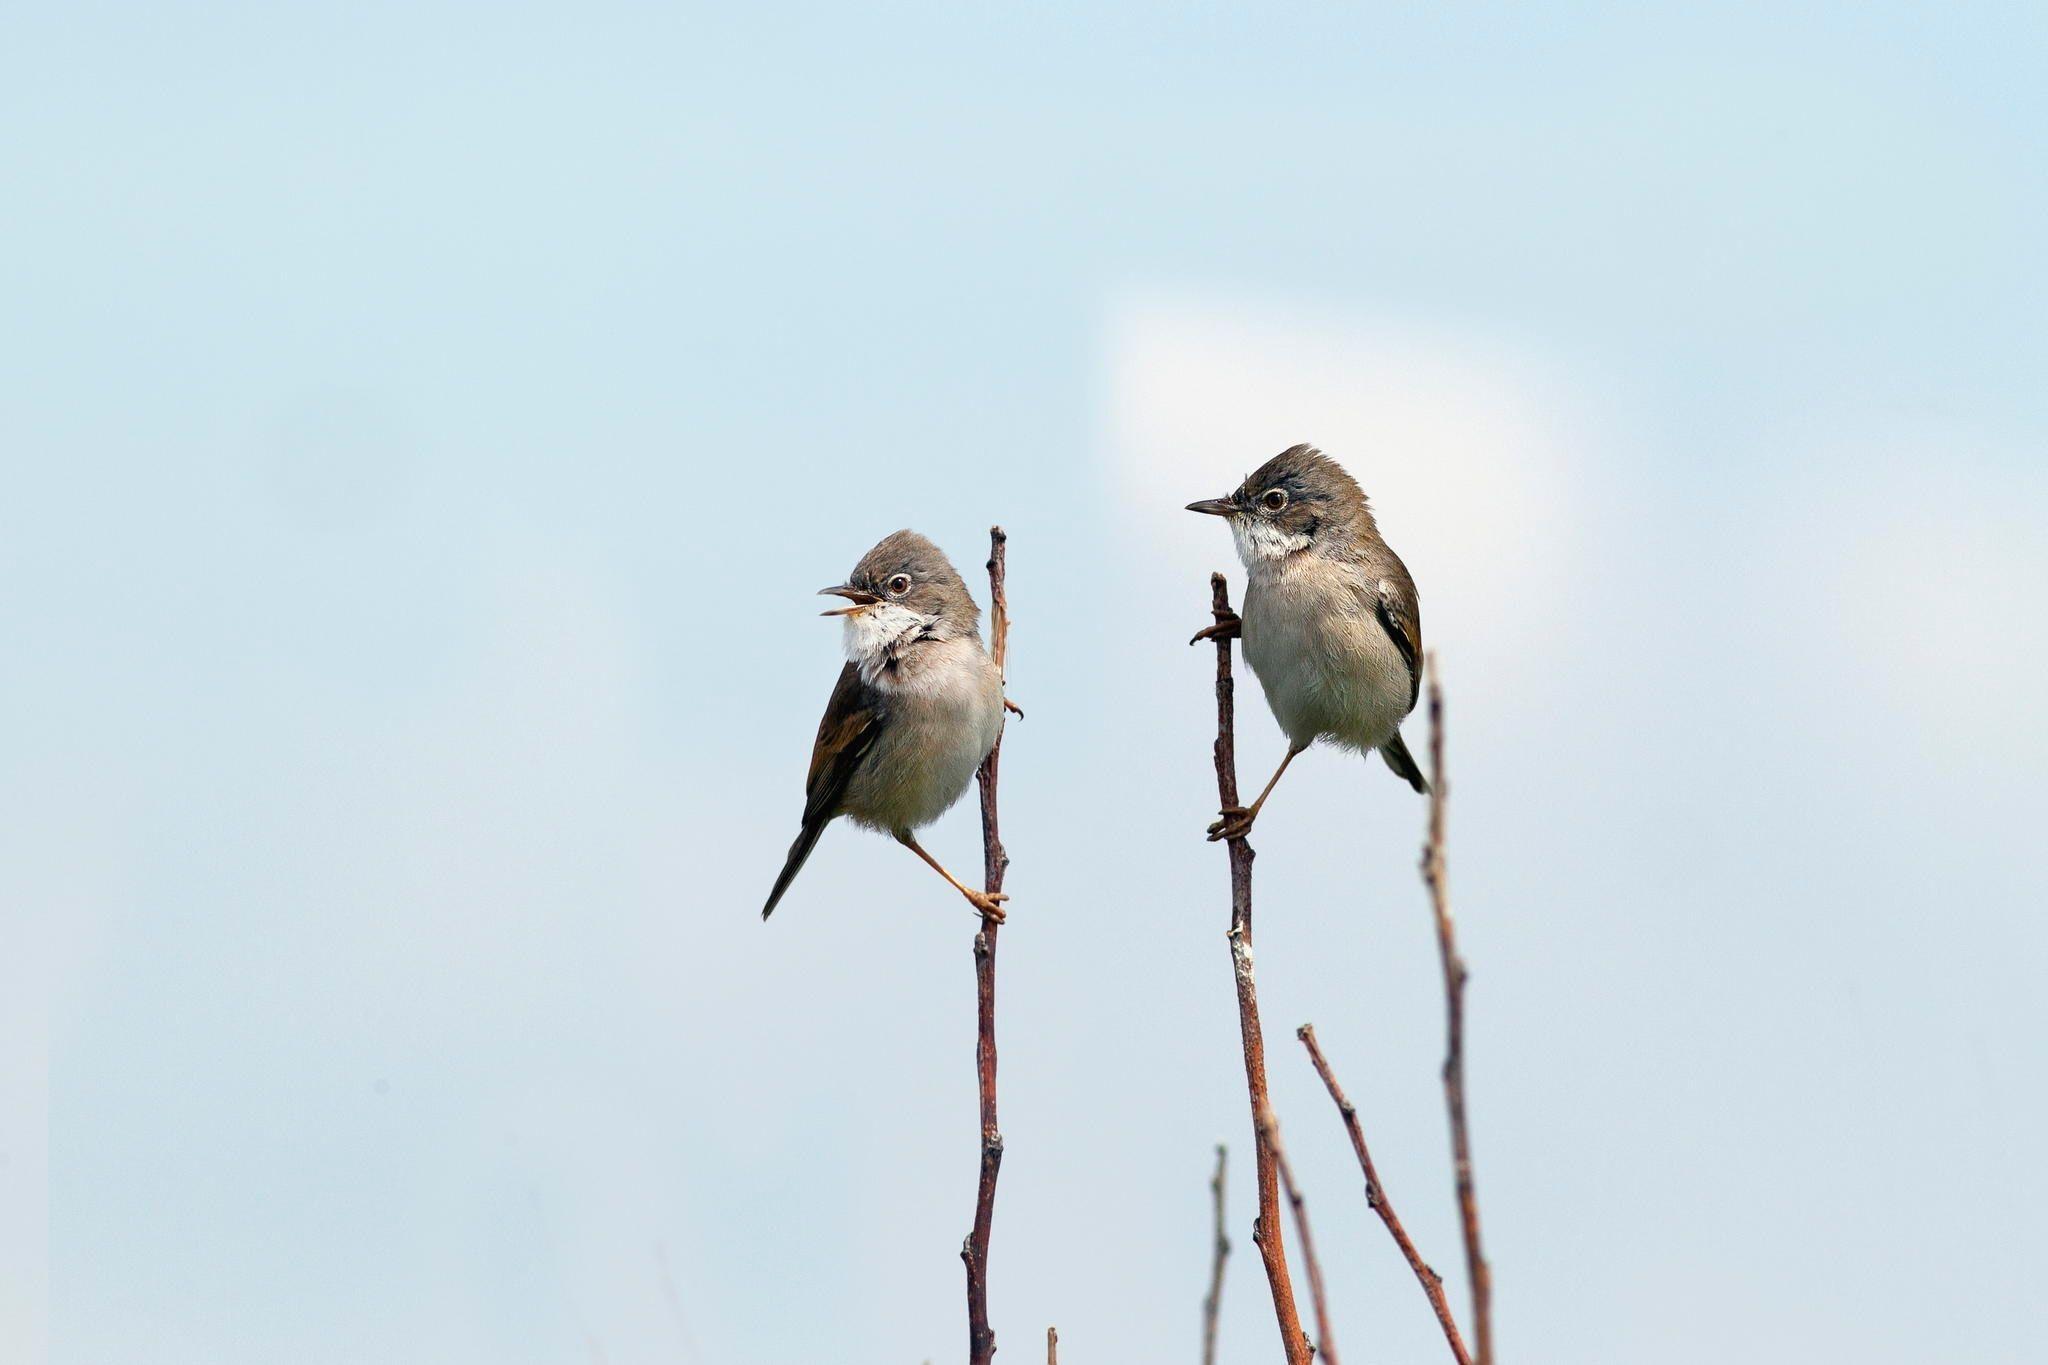 singing bird - small birds singing